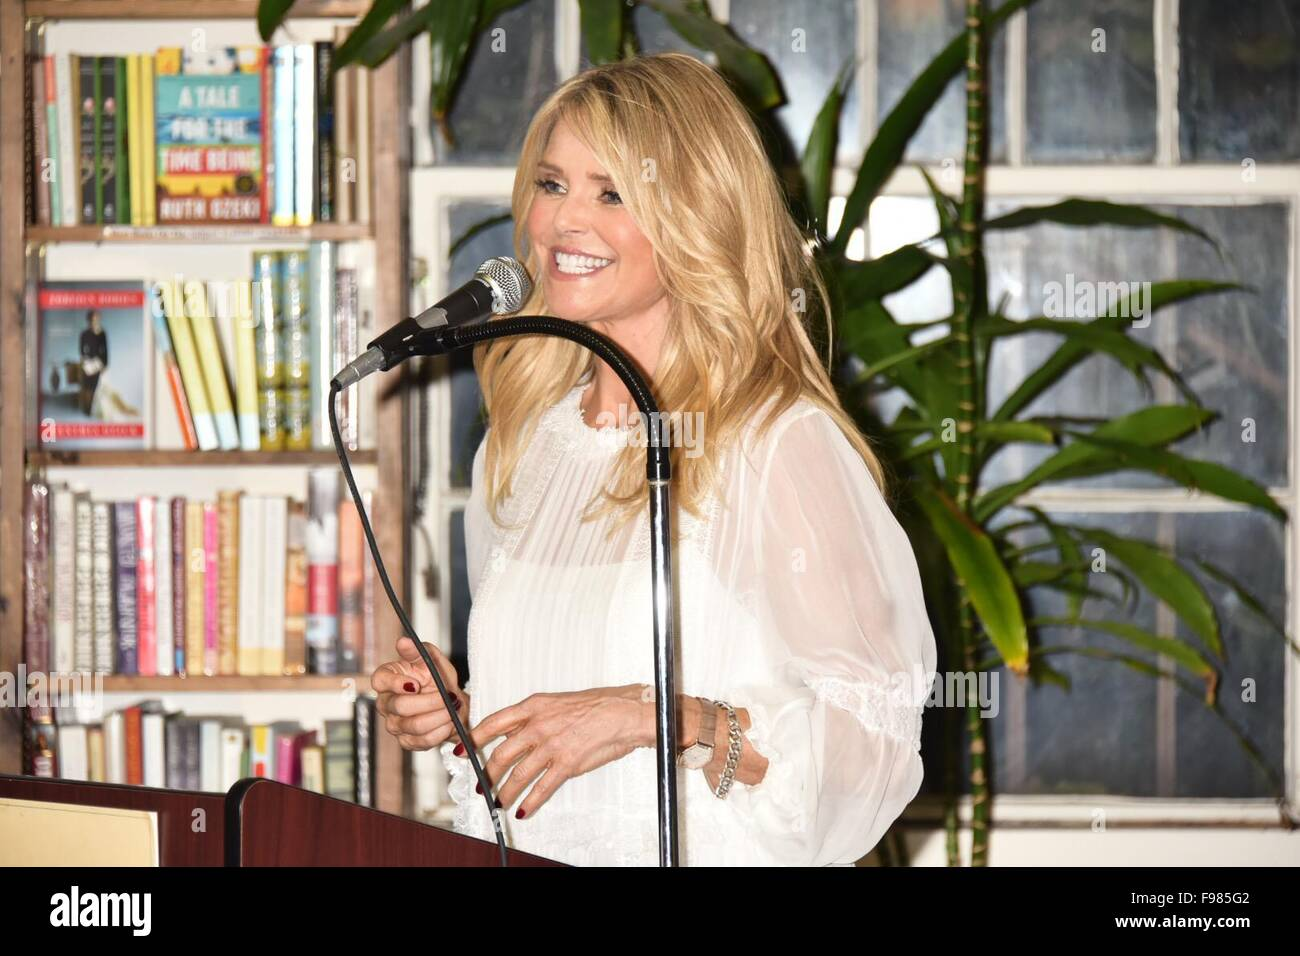 """Christie Brinkley segni copie del suo nuovo libro """"intramontabile bellezza' a libro Revue in Huntington dotate: Christie Brinkley dove: Huntington, New York, Stati Uniti quando: 13 Nov 2015 Foto Stock"""